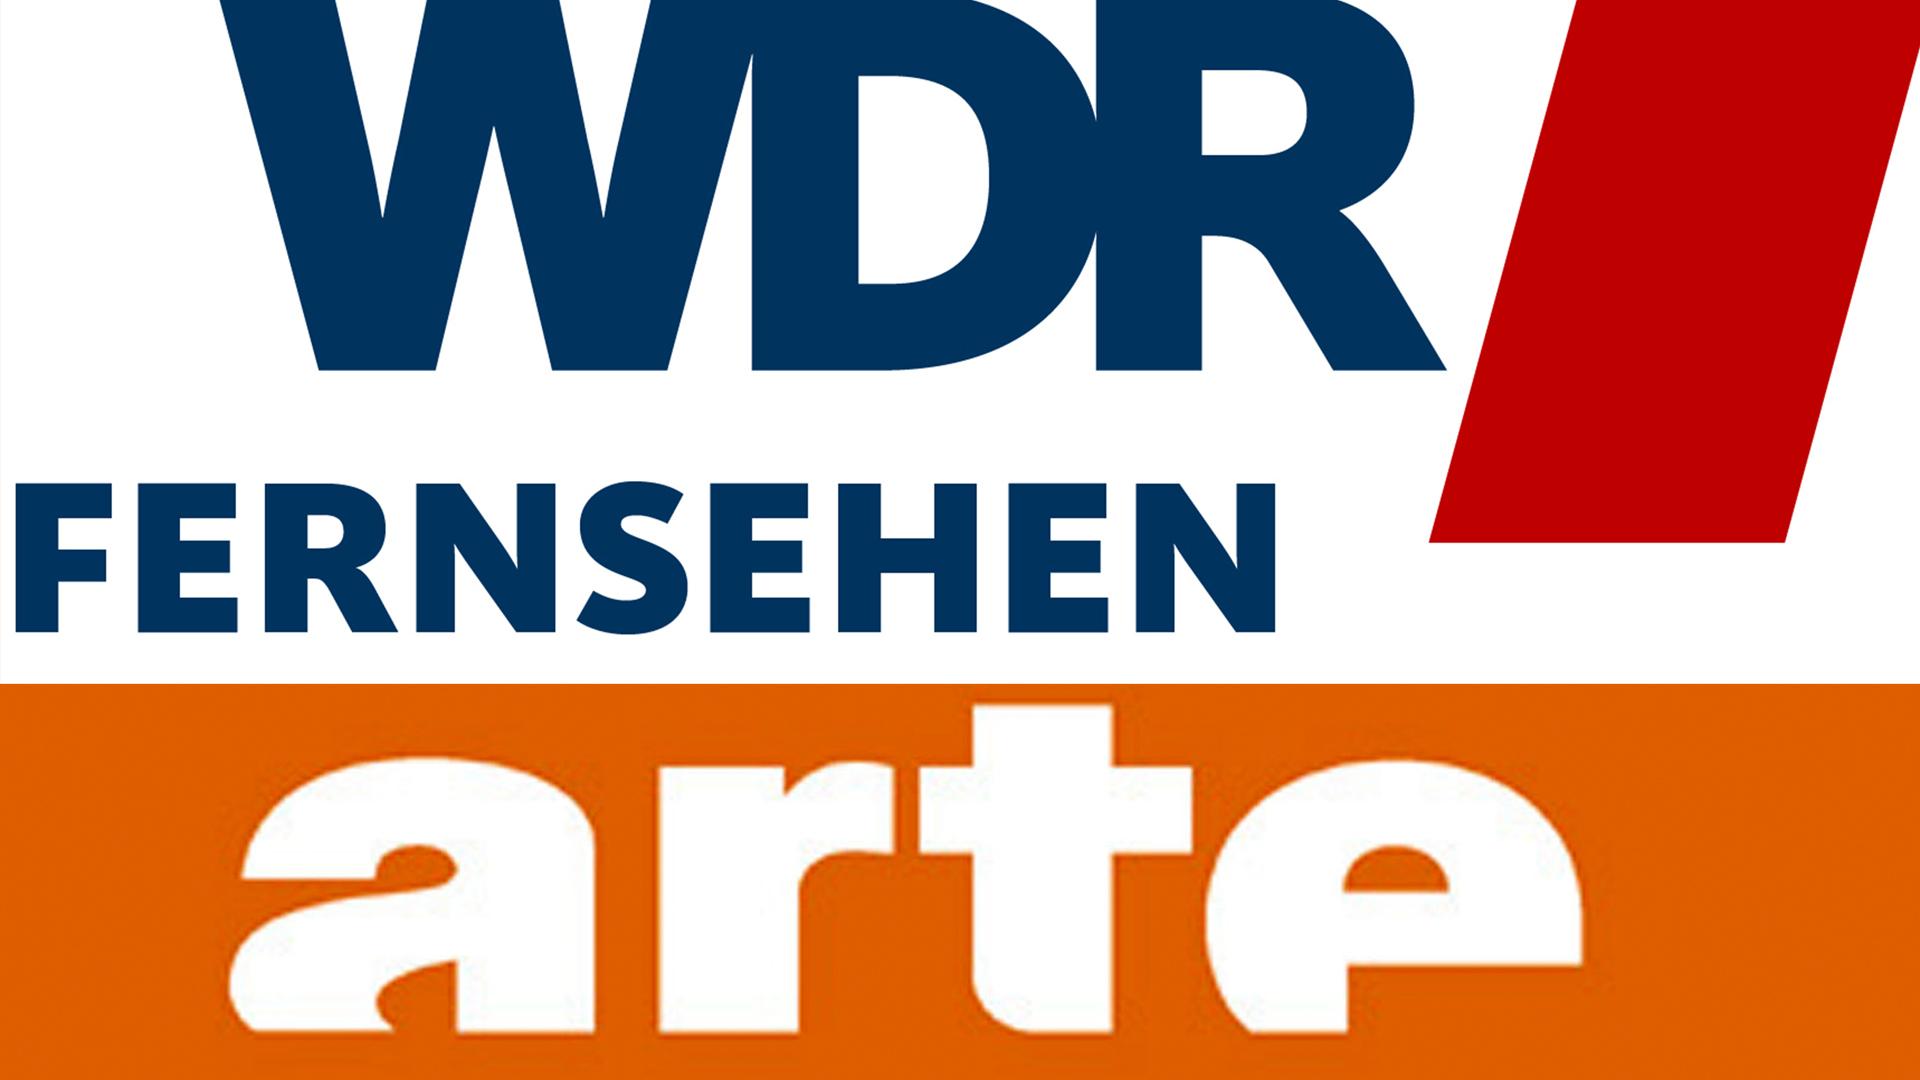 Arte und WDR wollen nicht dagegen vorgehen, dass Bild.de ihren Film über Antisemitismus öffentlich machte. Ob sie ihn selbst auch zeigen werden, ist nach wie vor offen.